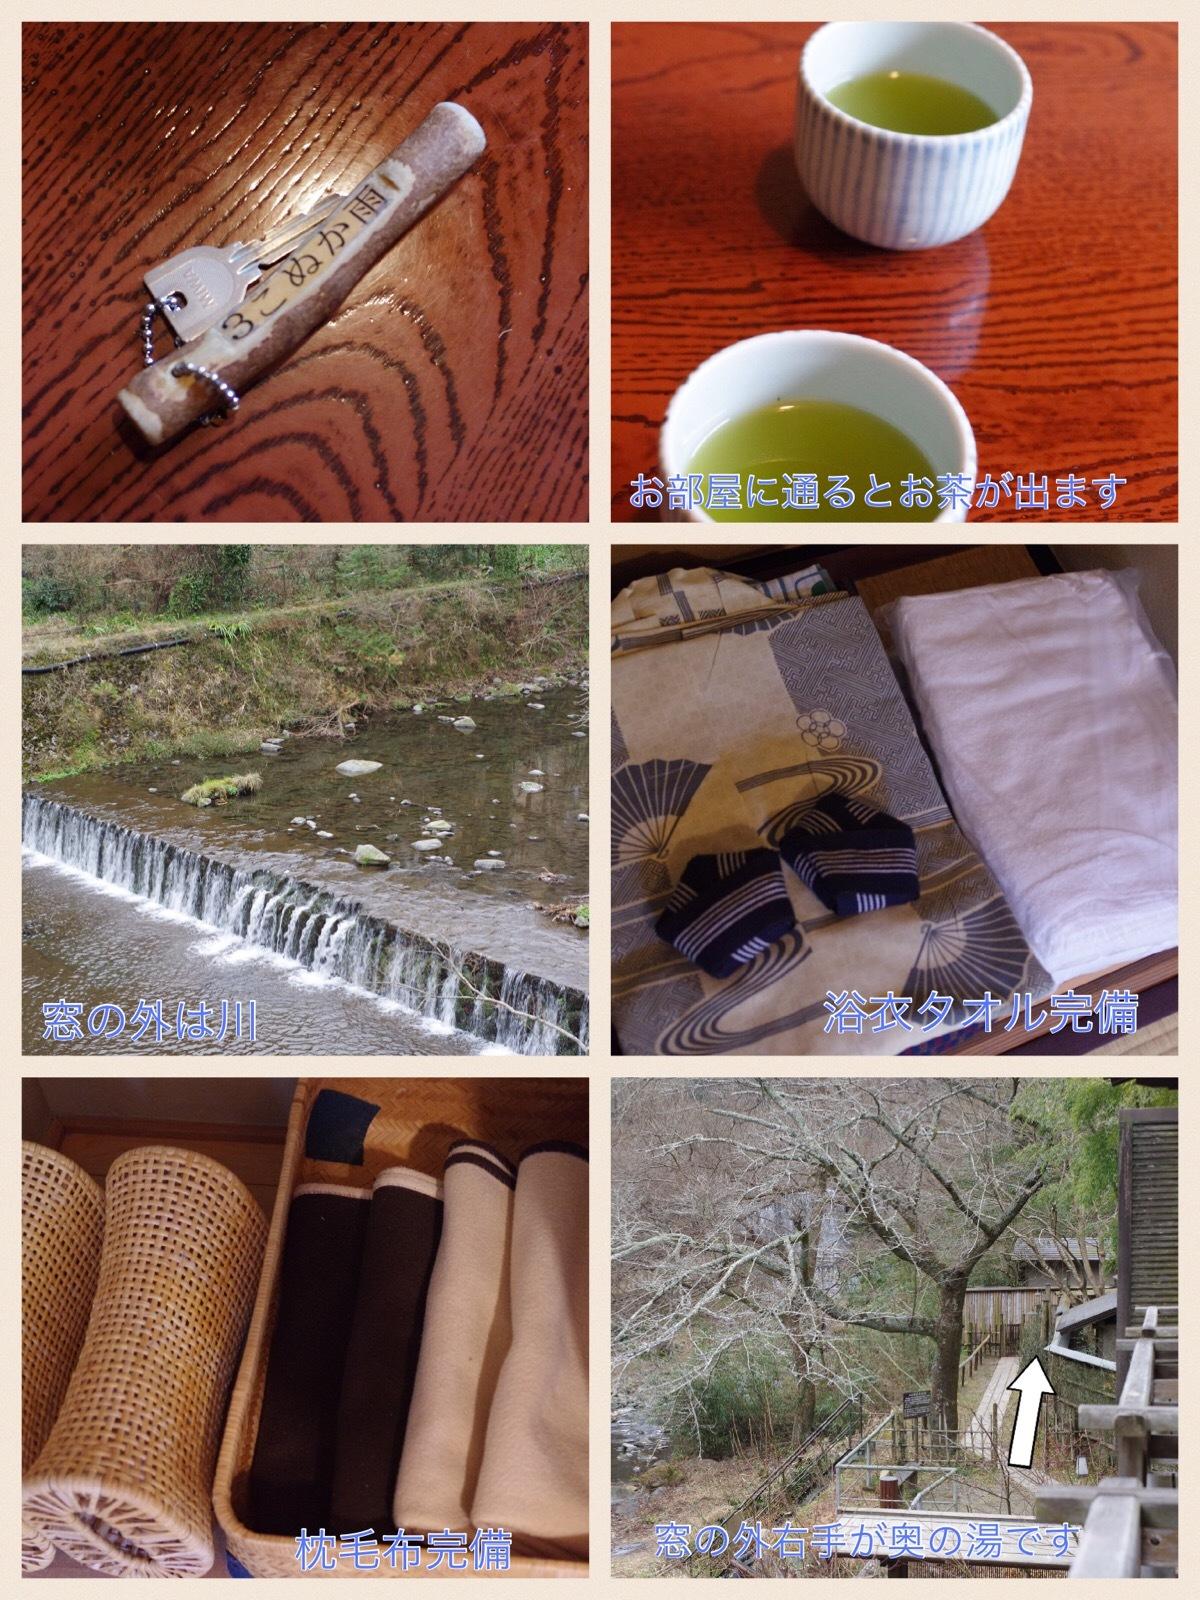 箱根ドライブ旅行 箱根天山 奥の湯